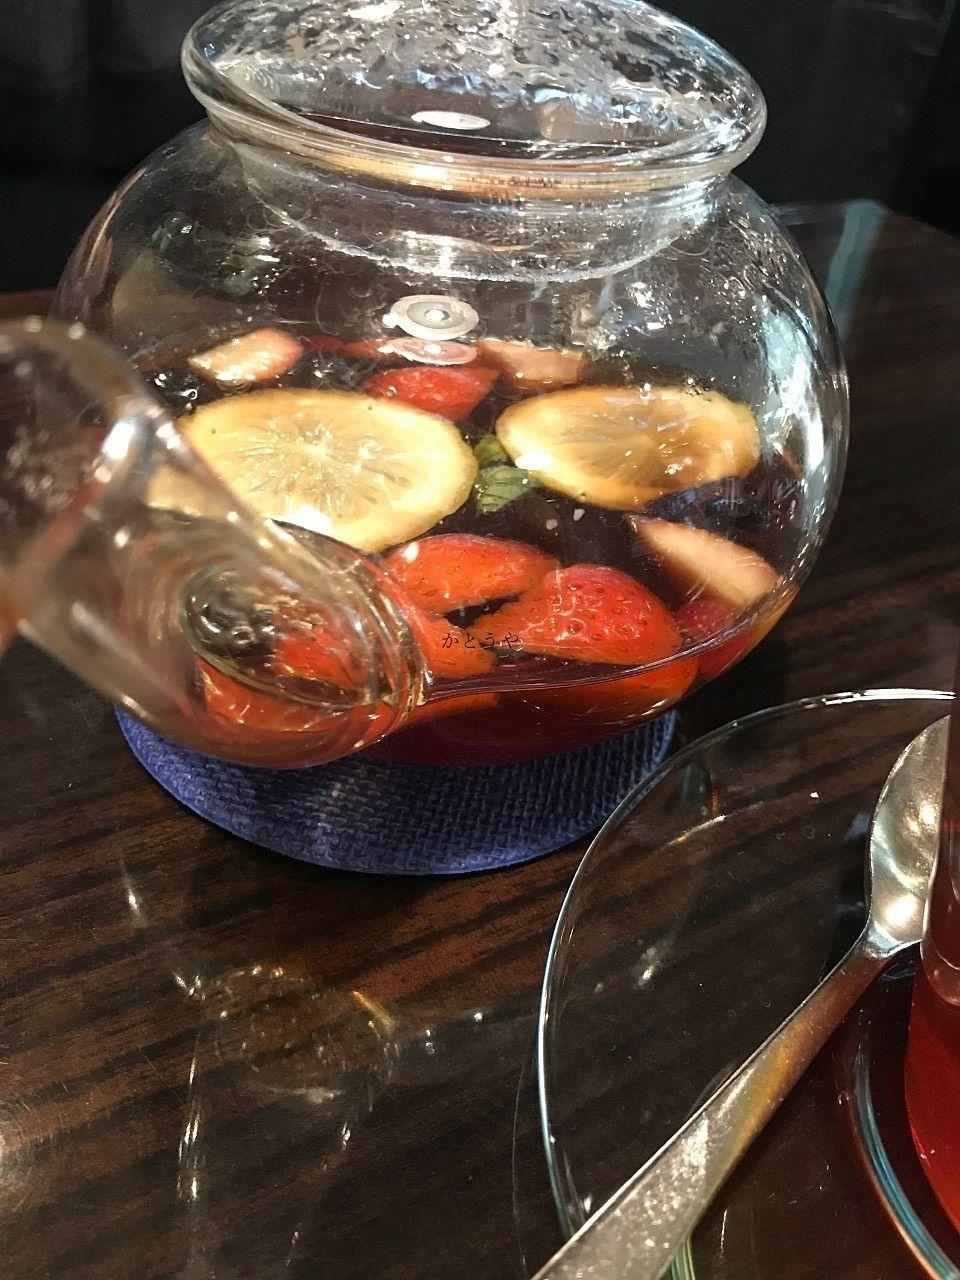 程よい酸味と甘みを楽しむことができるオスロコーヒーさんのフルーツティーです